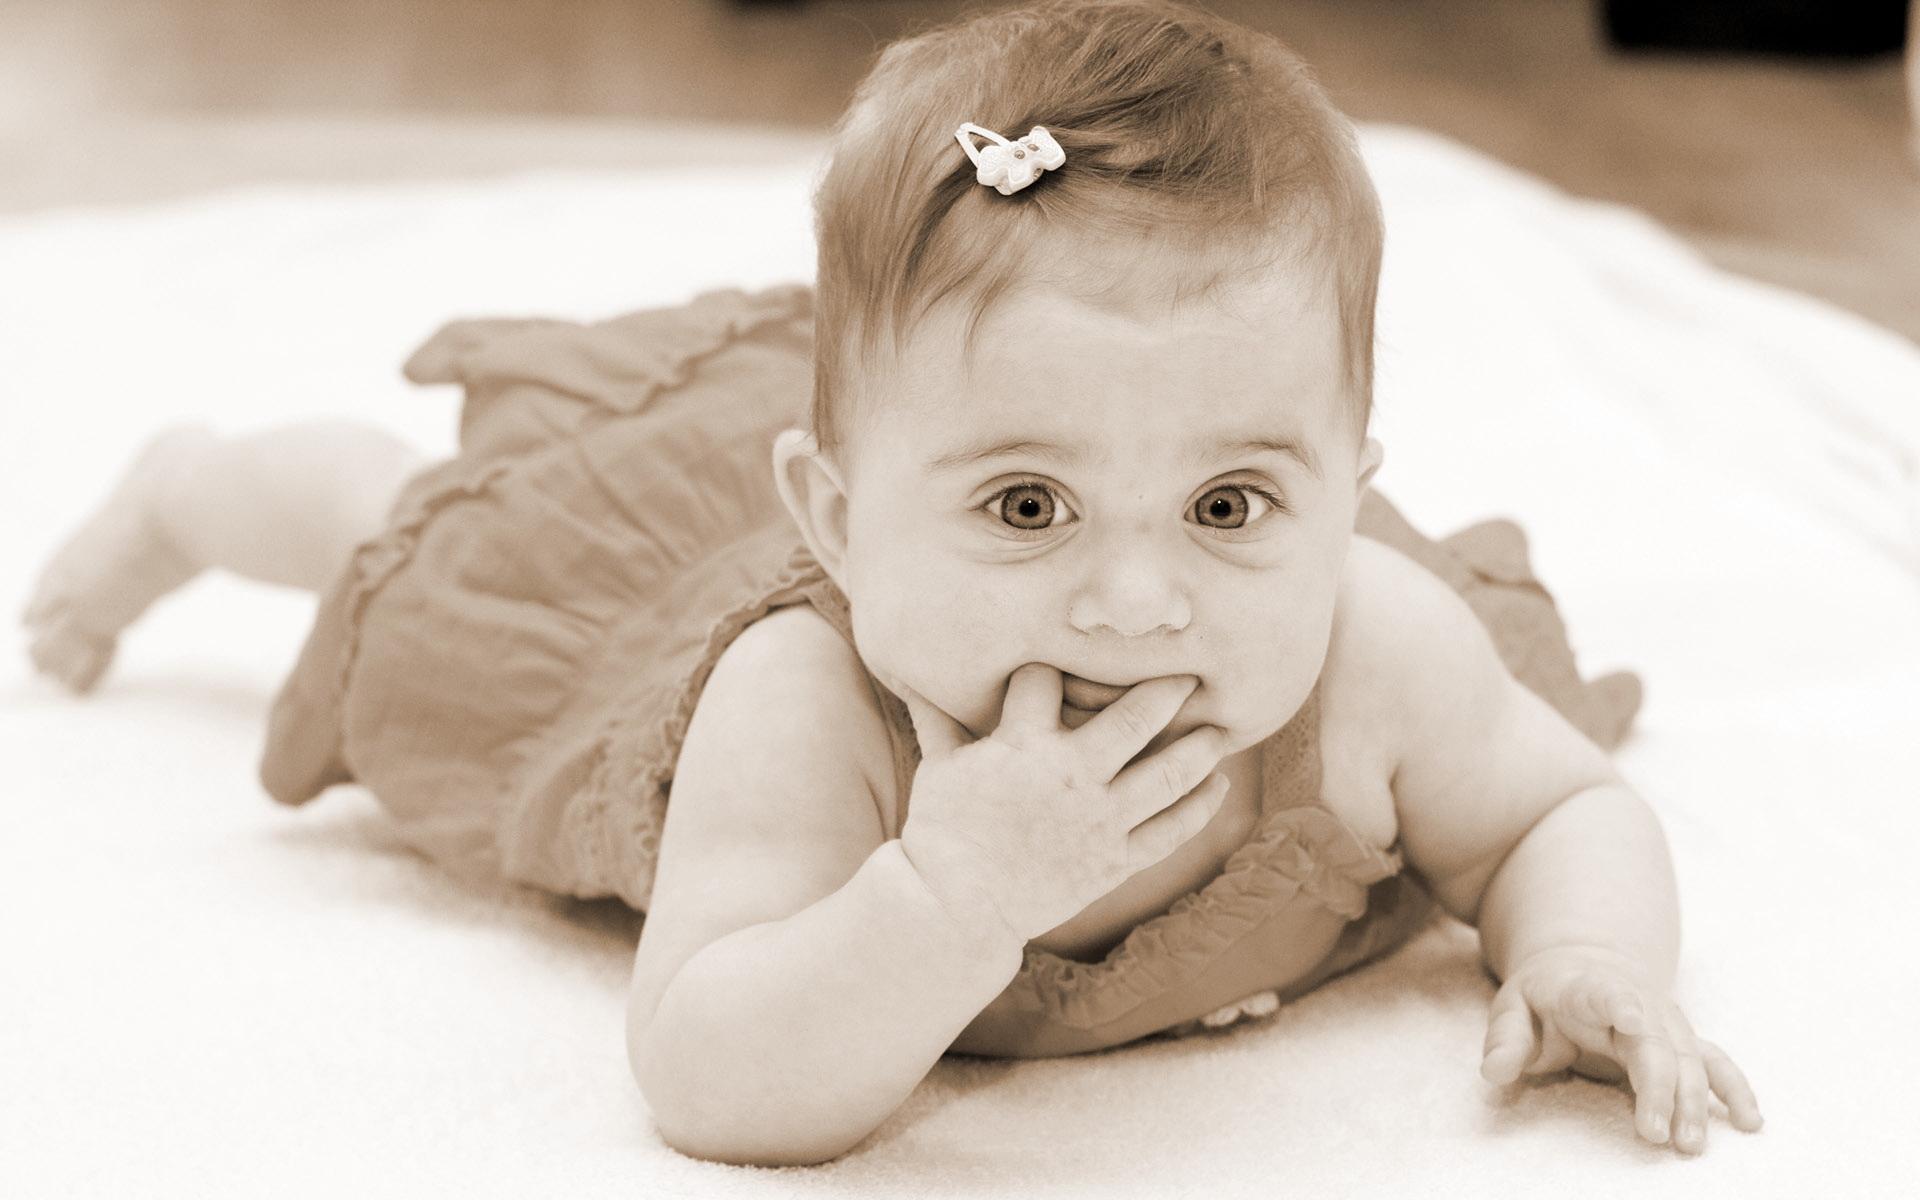 壁纸1920×1200人体艺术图片 婴儿 壁纸8壁纸 人体艺术图片(婴儿)壁纸图片系统壁纸系统图片素材桌面壁纸